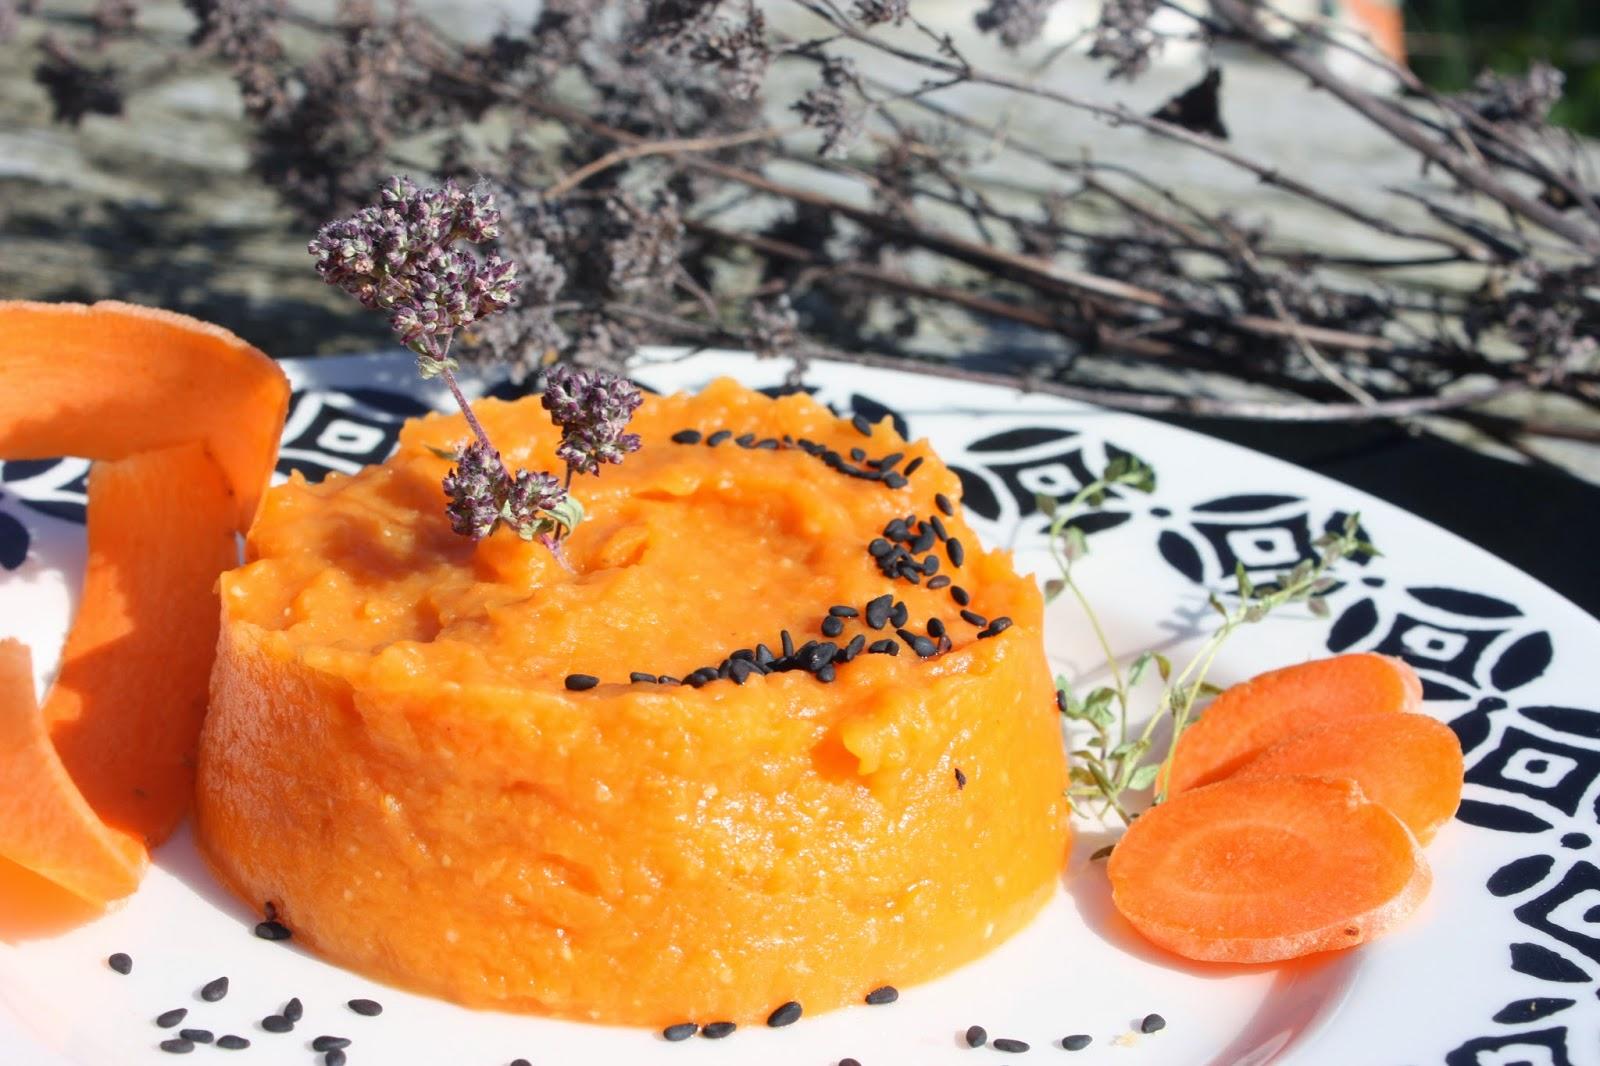 http://cocottechlorophylle.blogspot.fr/2014/03/puree-aux-carottes-et-la-patate-toute.html